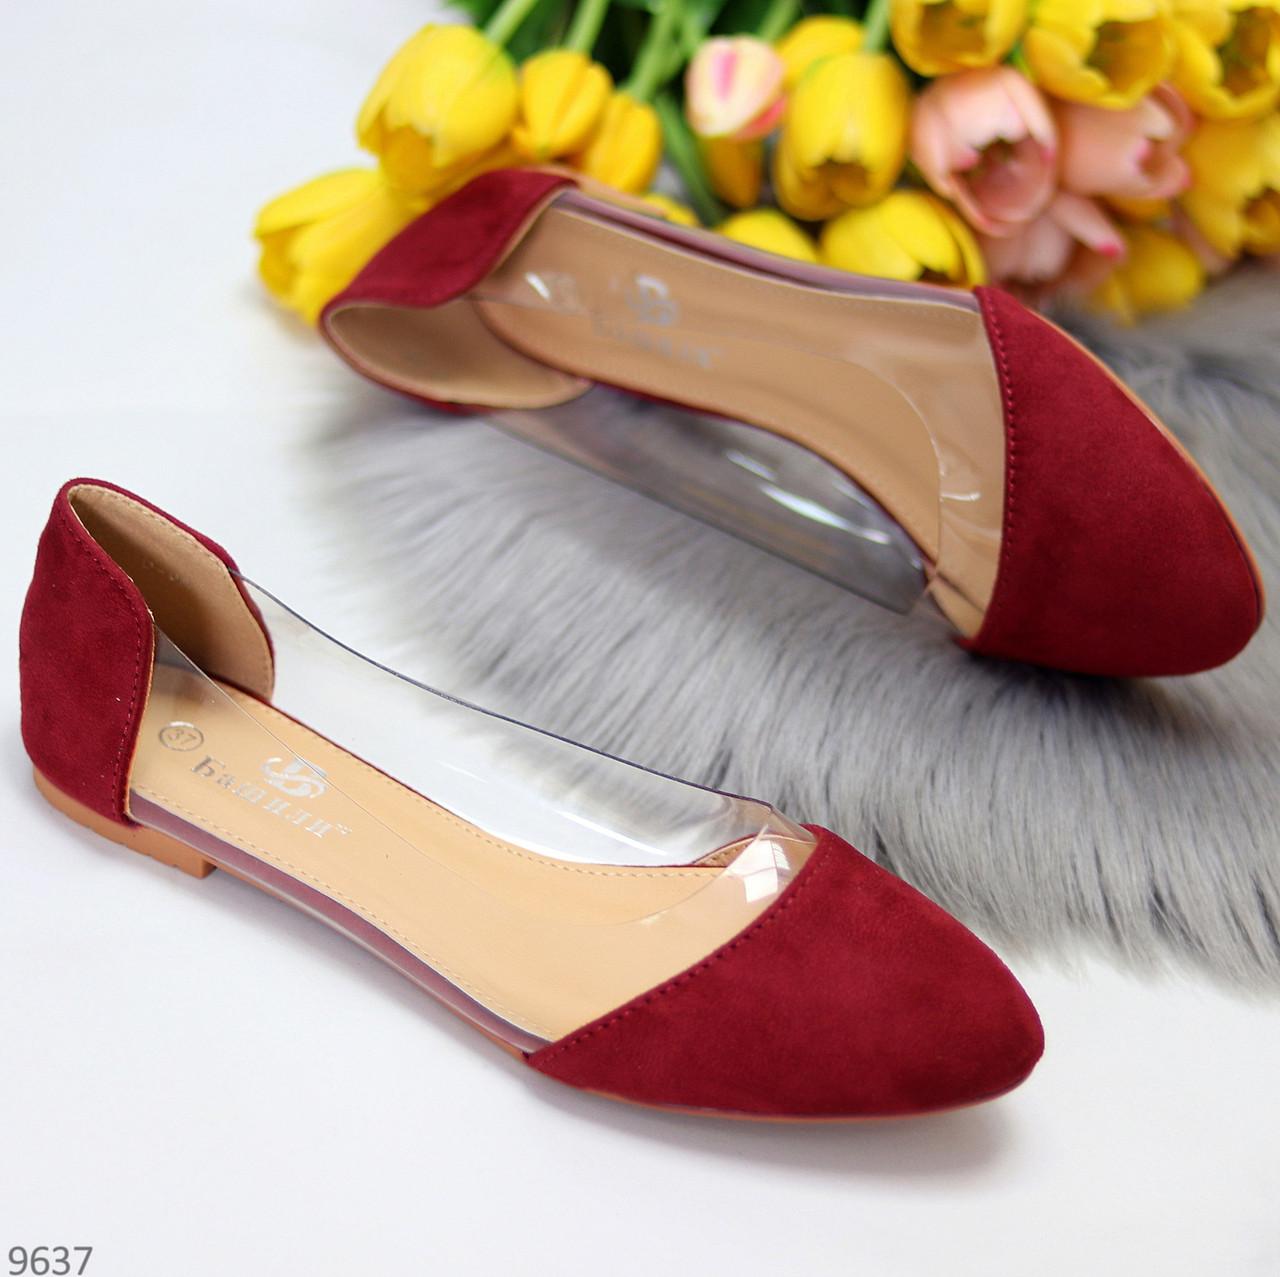 Женские балетки бордовые- марсала эко замш + силикон